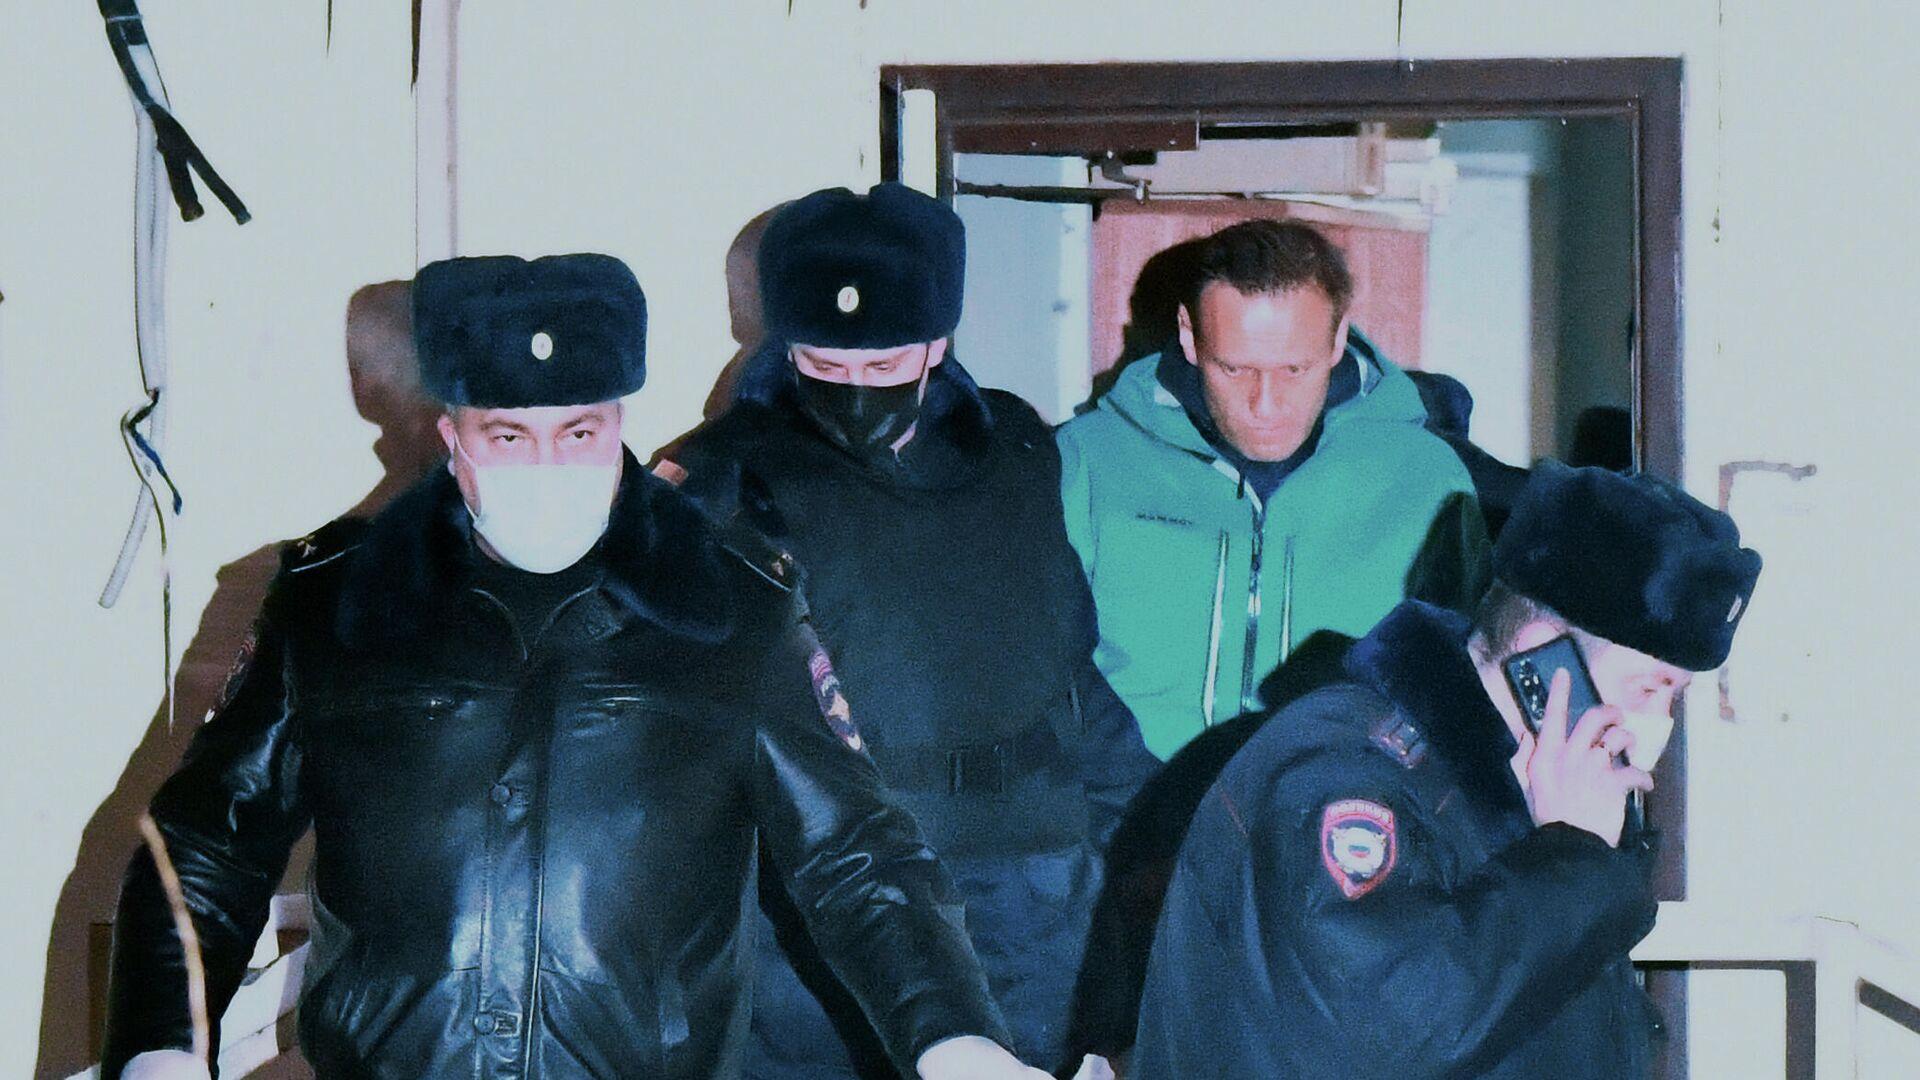 Сотрудники полиции выводят Алексея Навального из здания 2-го отдела полиции Управления МВД России по г. о. Химки - РИА Новости, 1920, 20.01.2021